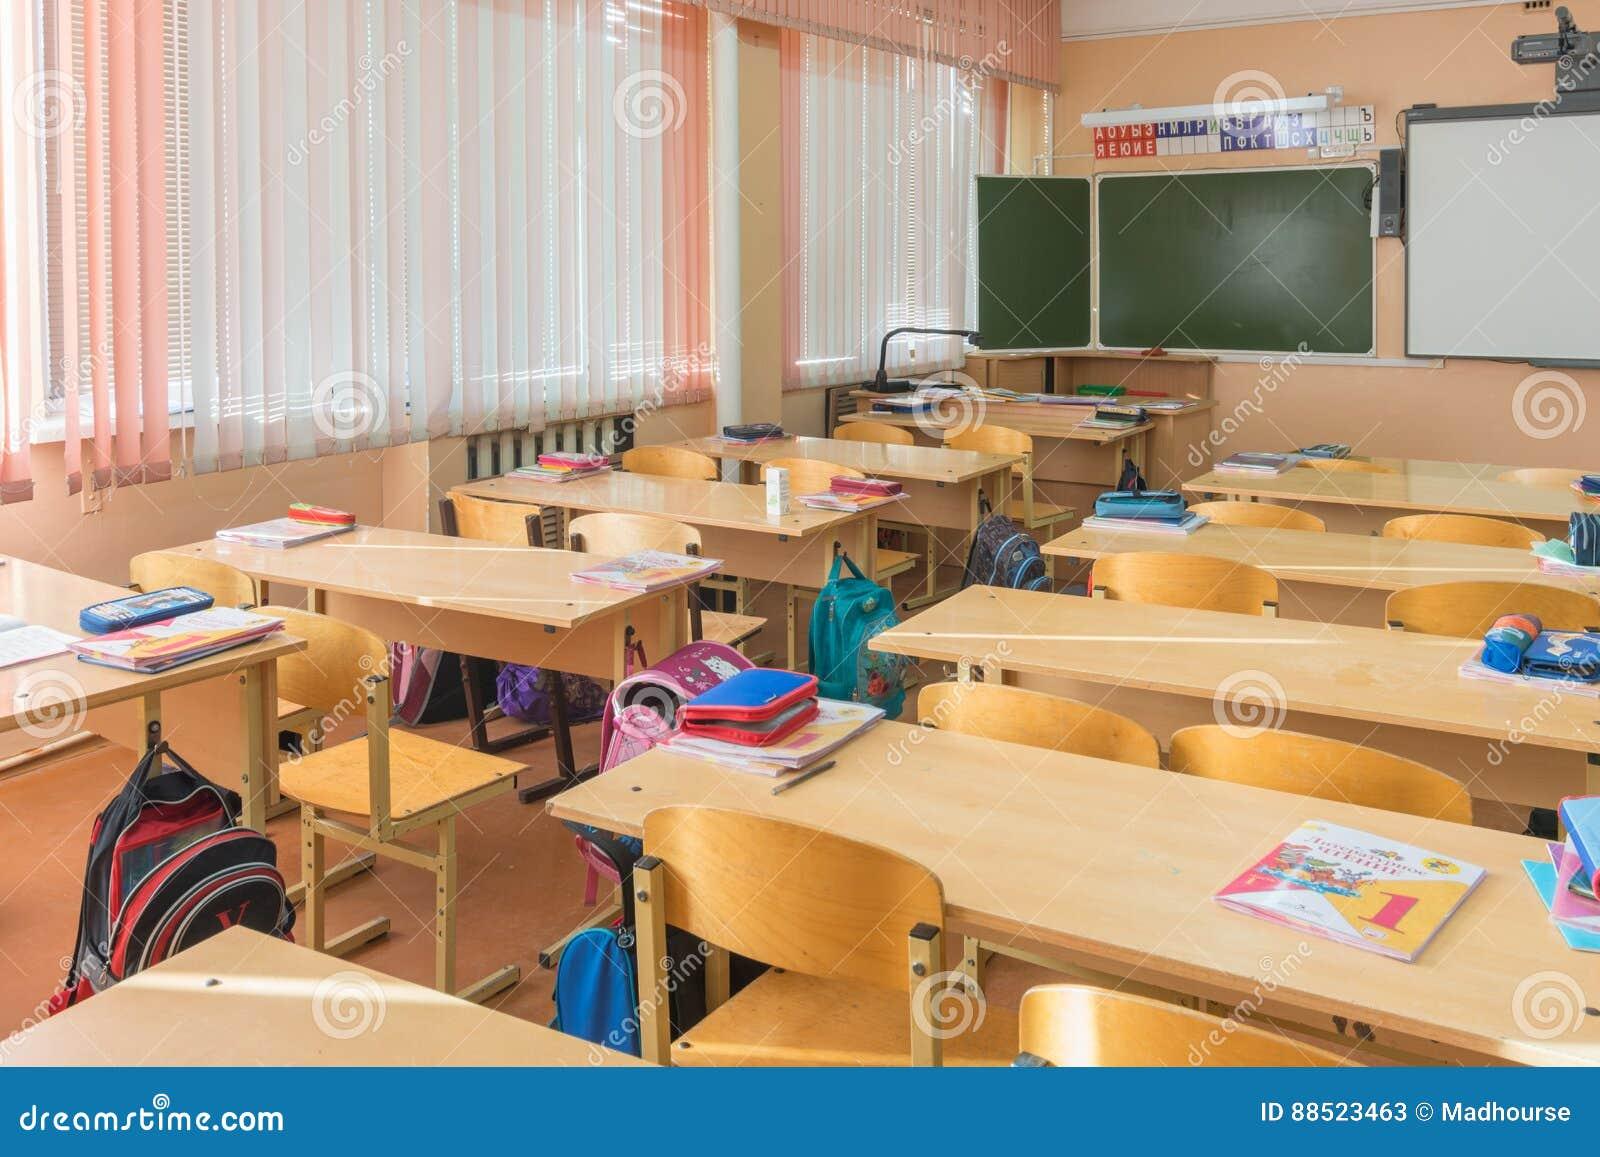 La classe intérieure dans l école primaire les bureaux d